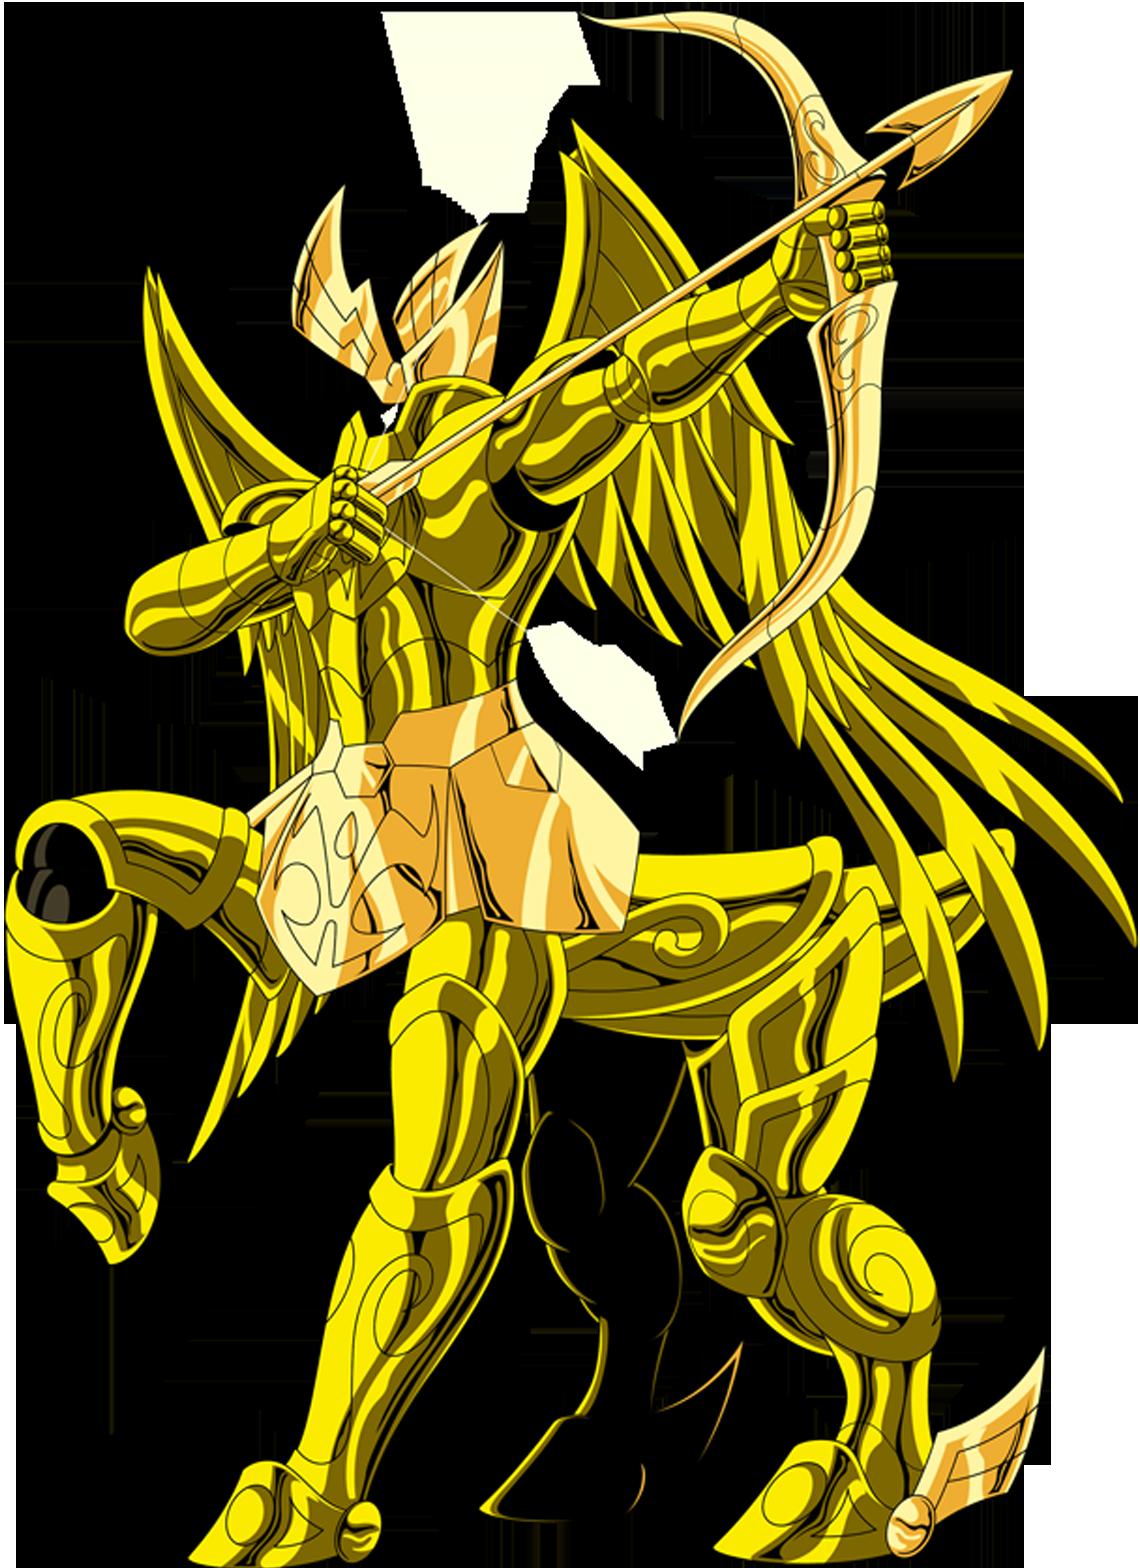 Armadura de Sagitario | Cavaleiros do zodiaco seiya, Cdz ...  Armadura De Sagitario